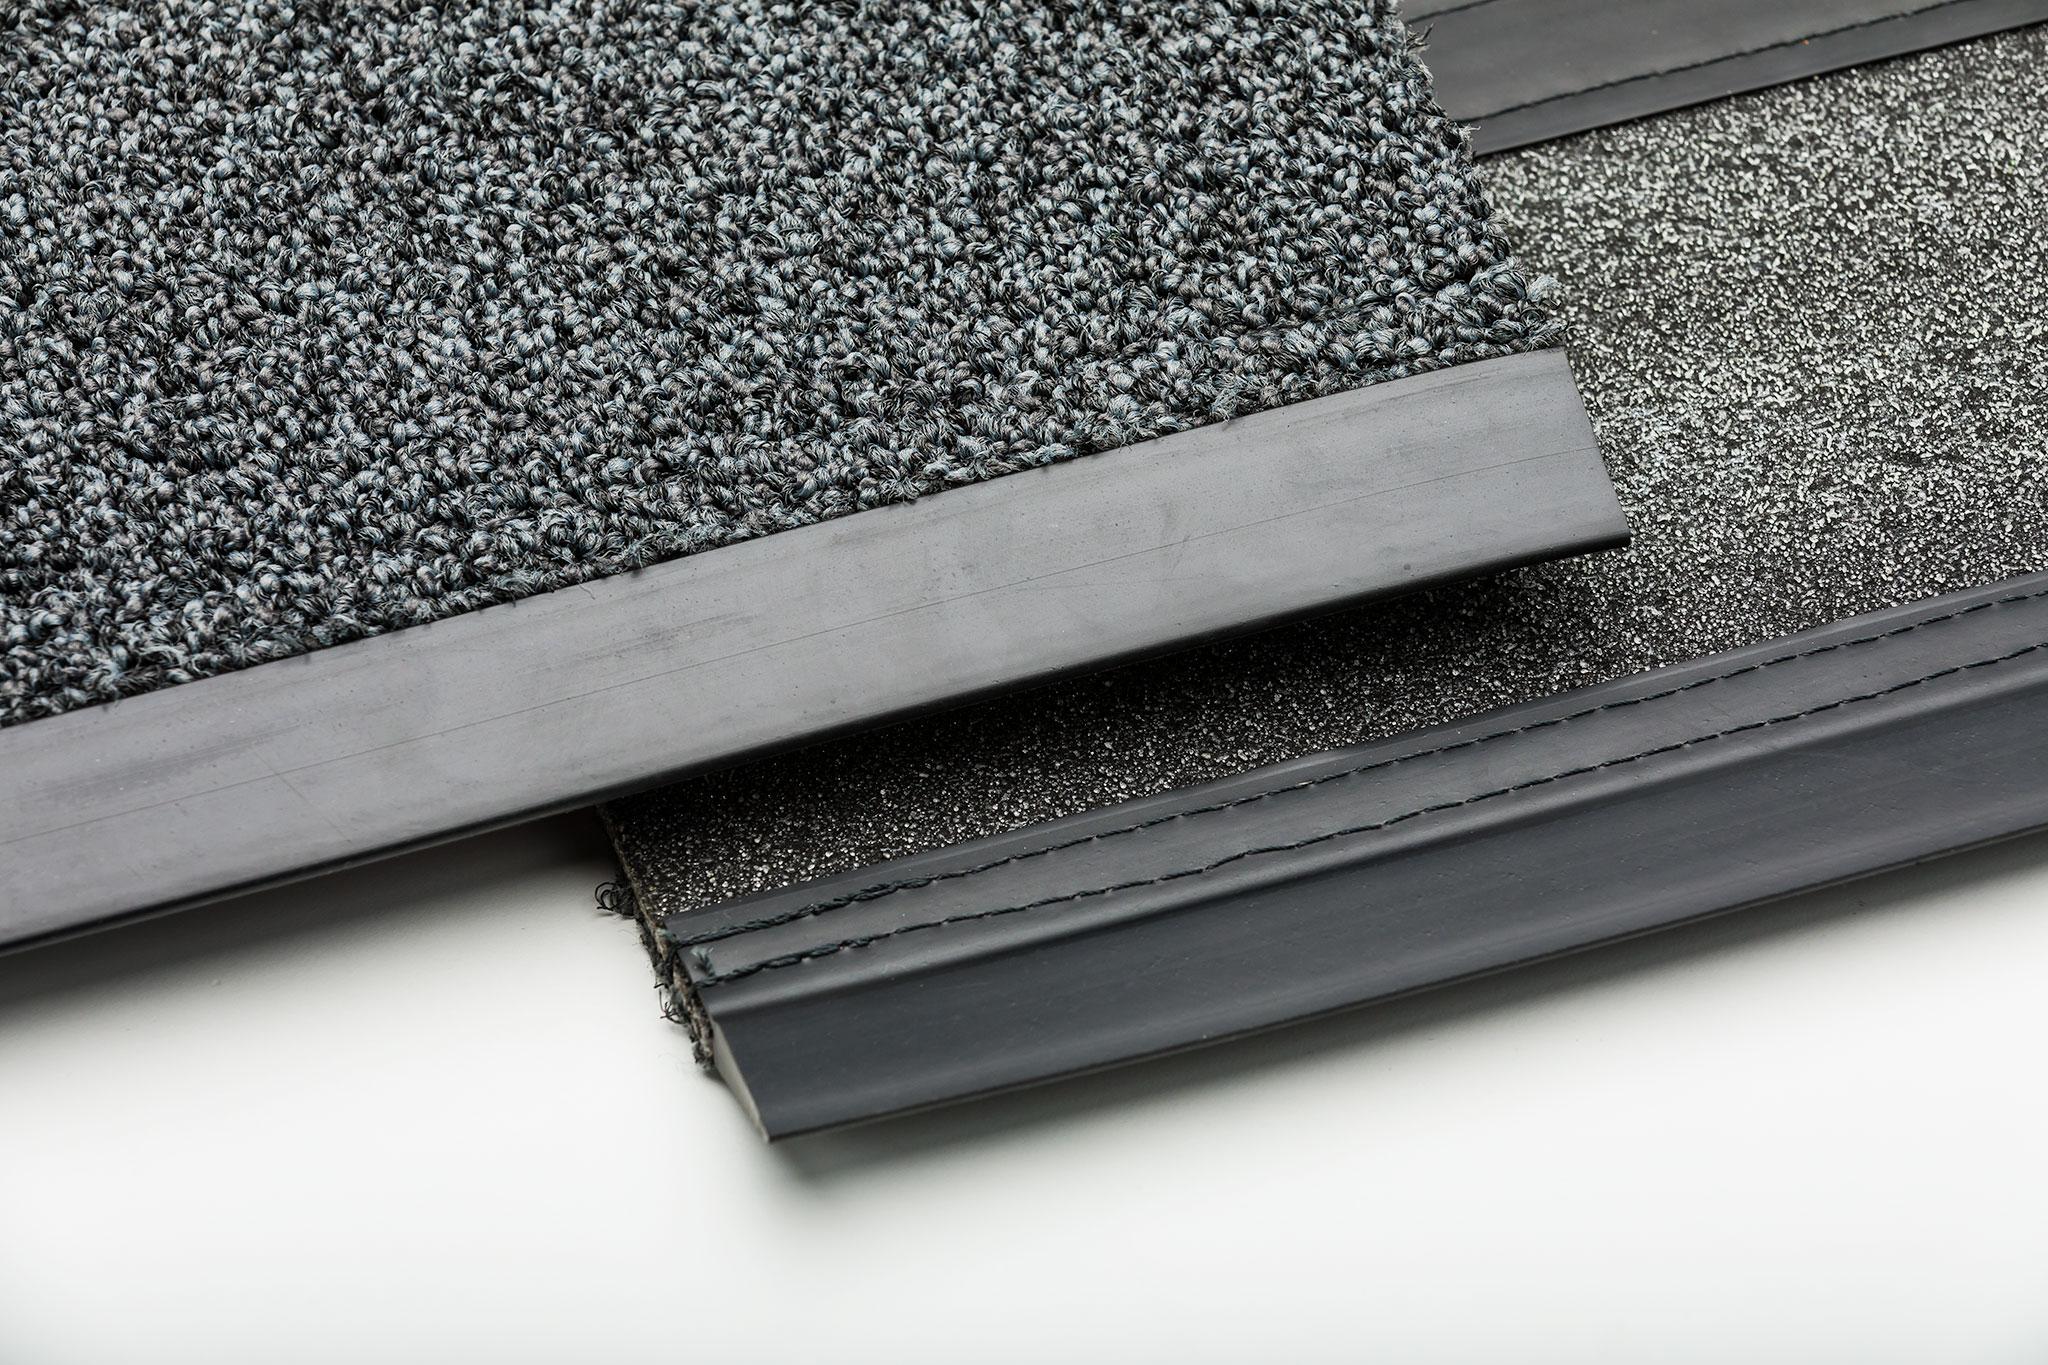 SFS-Safety-Floor-Cleanmatrail-Ruecken-mit-Antirutschbeschichtung